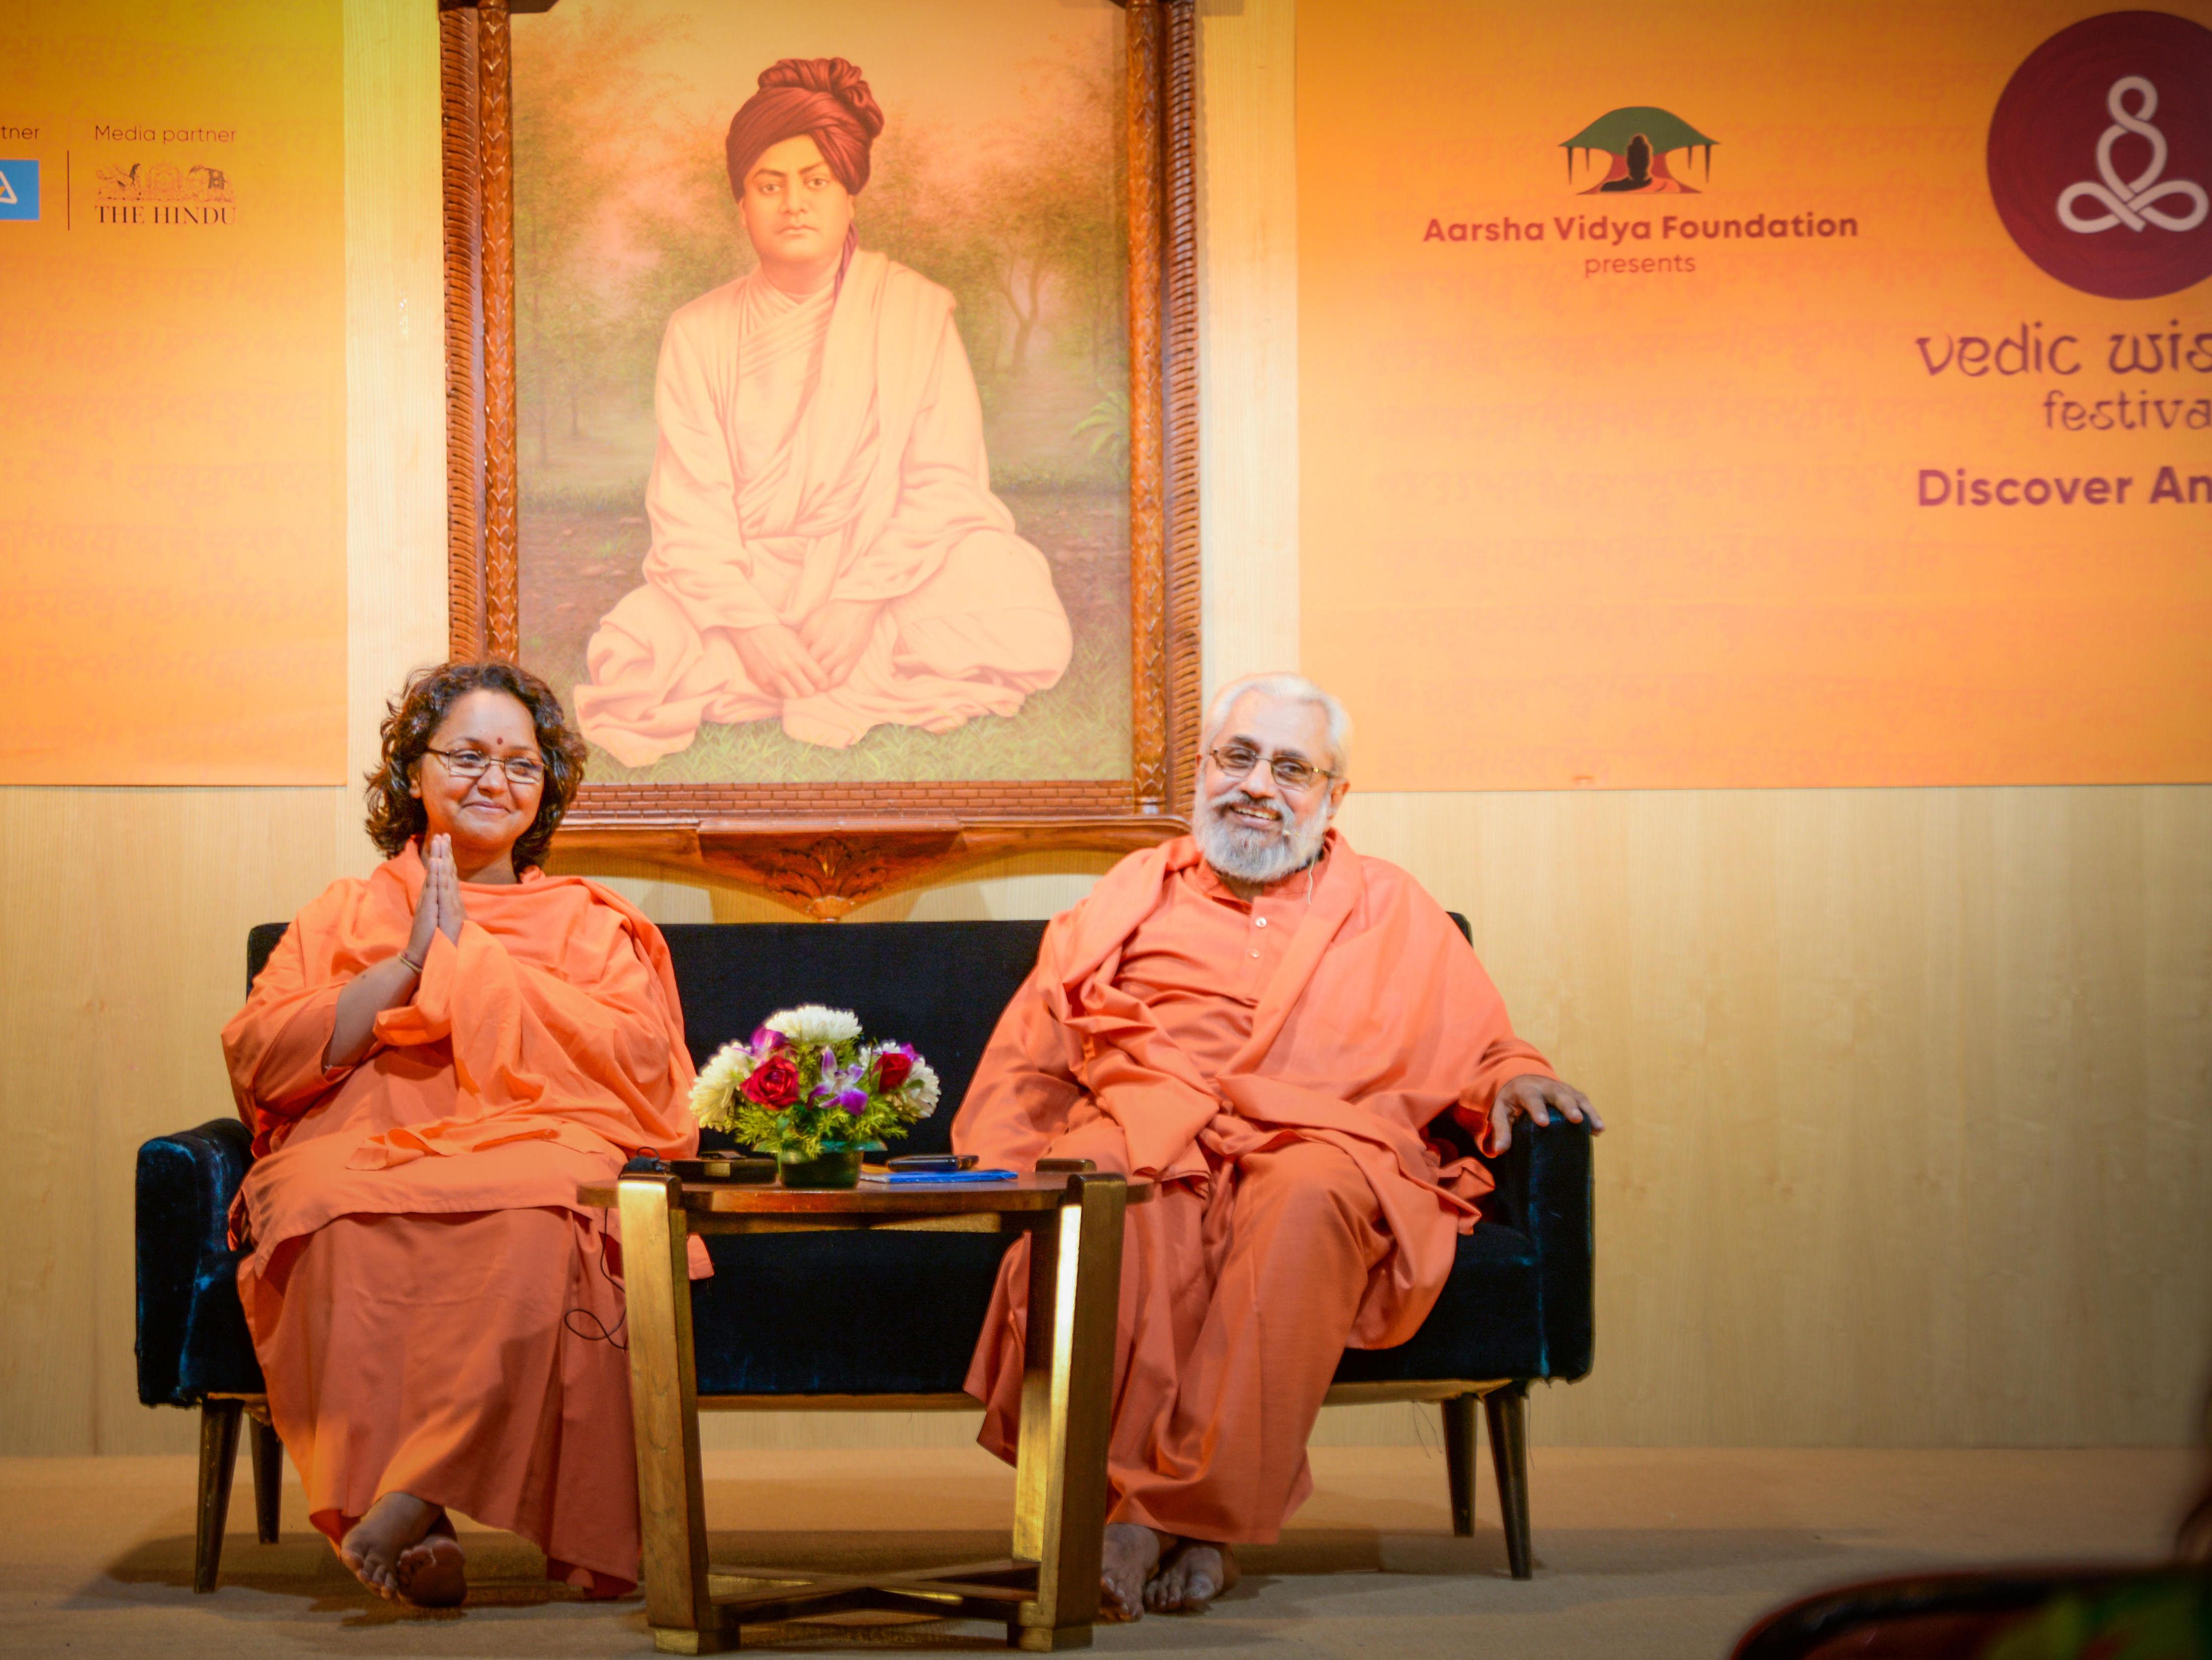 Vedic Wisdom Festival: Spreading the Message of Veda & Vedanta